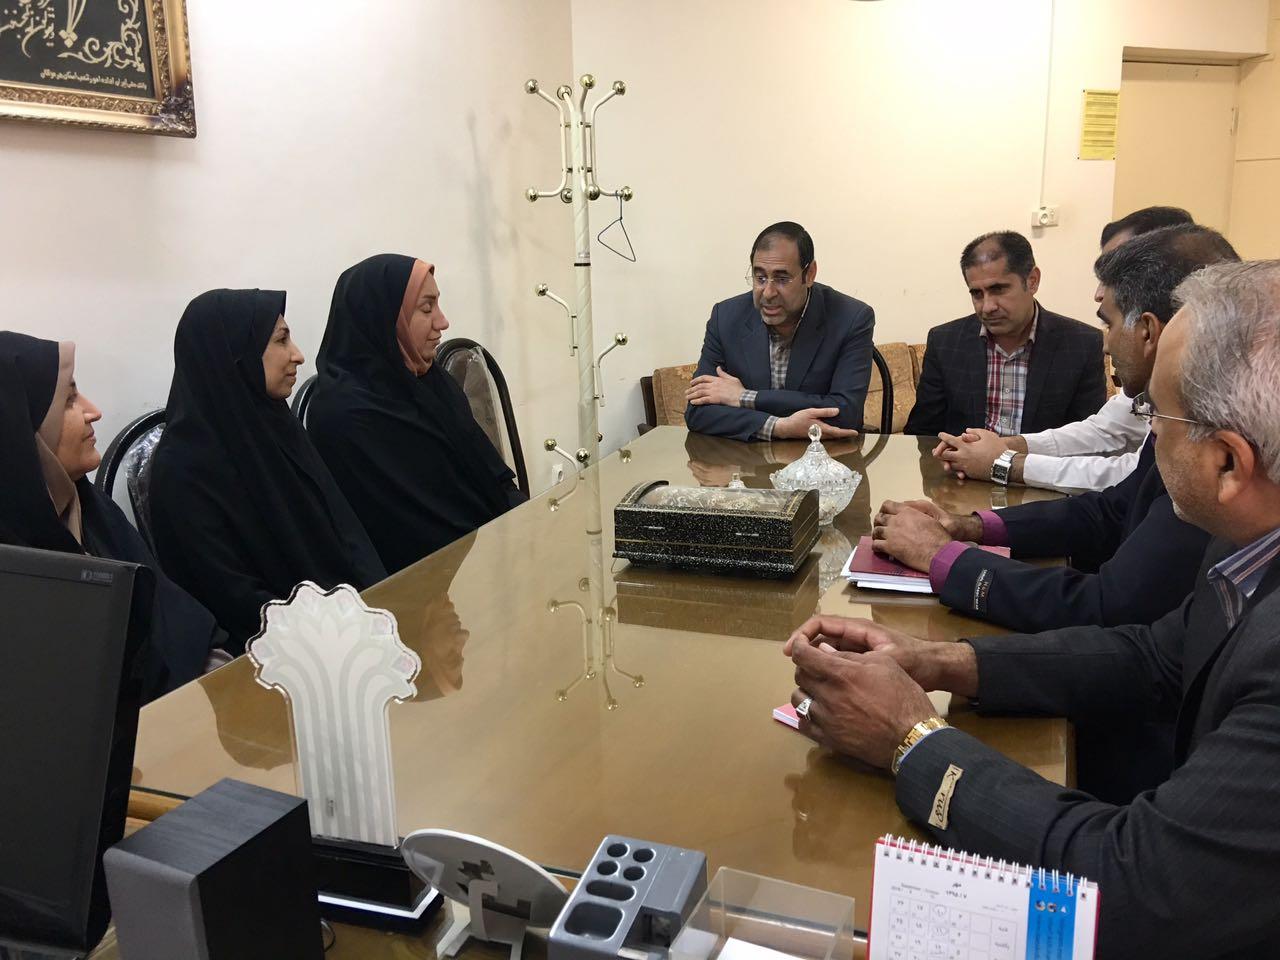 ایرج بیت اللهی به سمت معاون ،اداره کل آموزش و پرورش هرمزگان منصوب شد